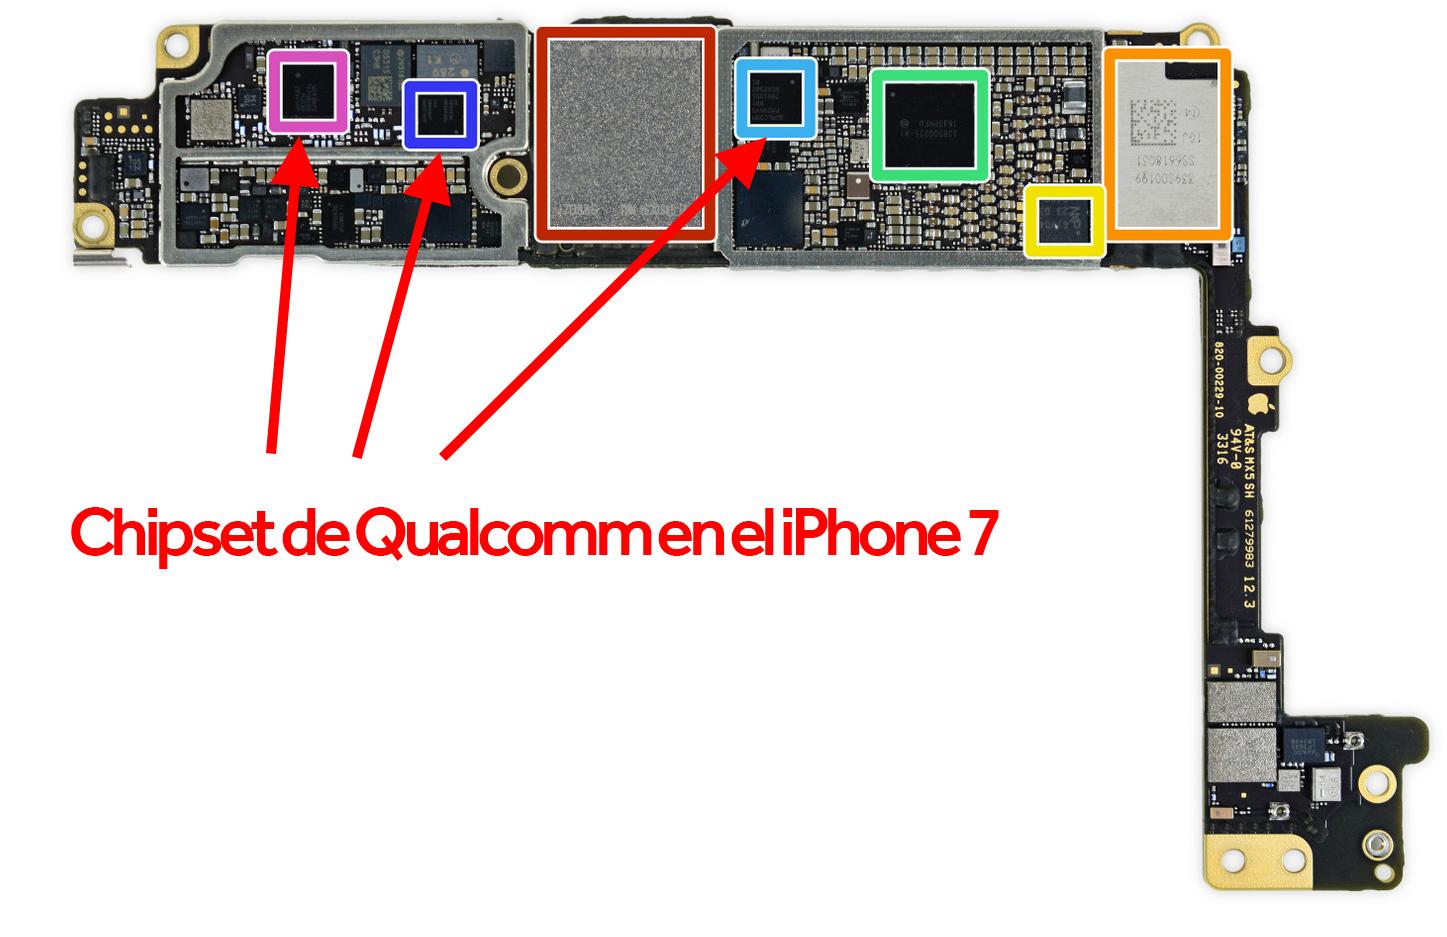 Chips de Qualcomm™ en el iPhone 7